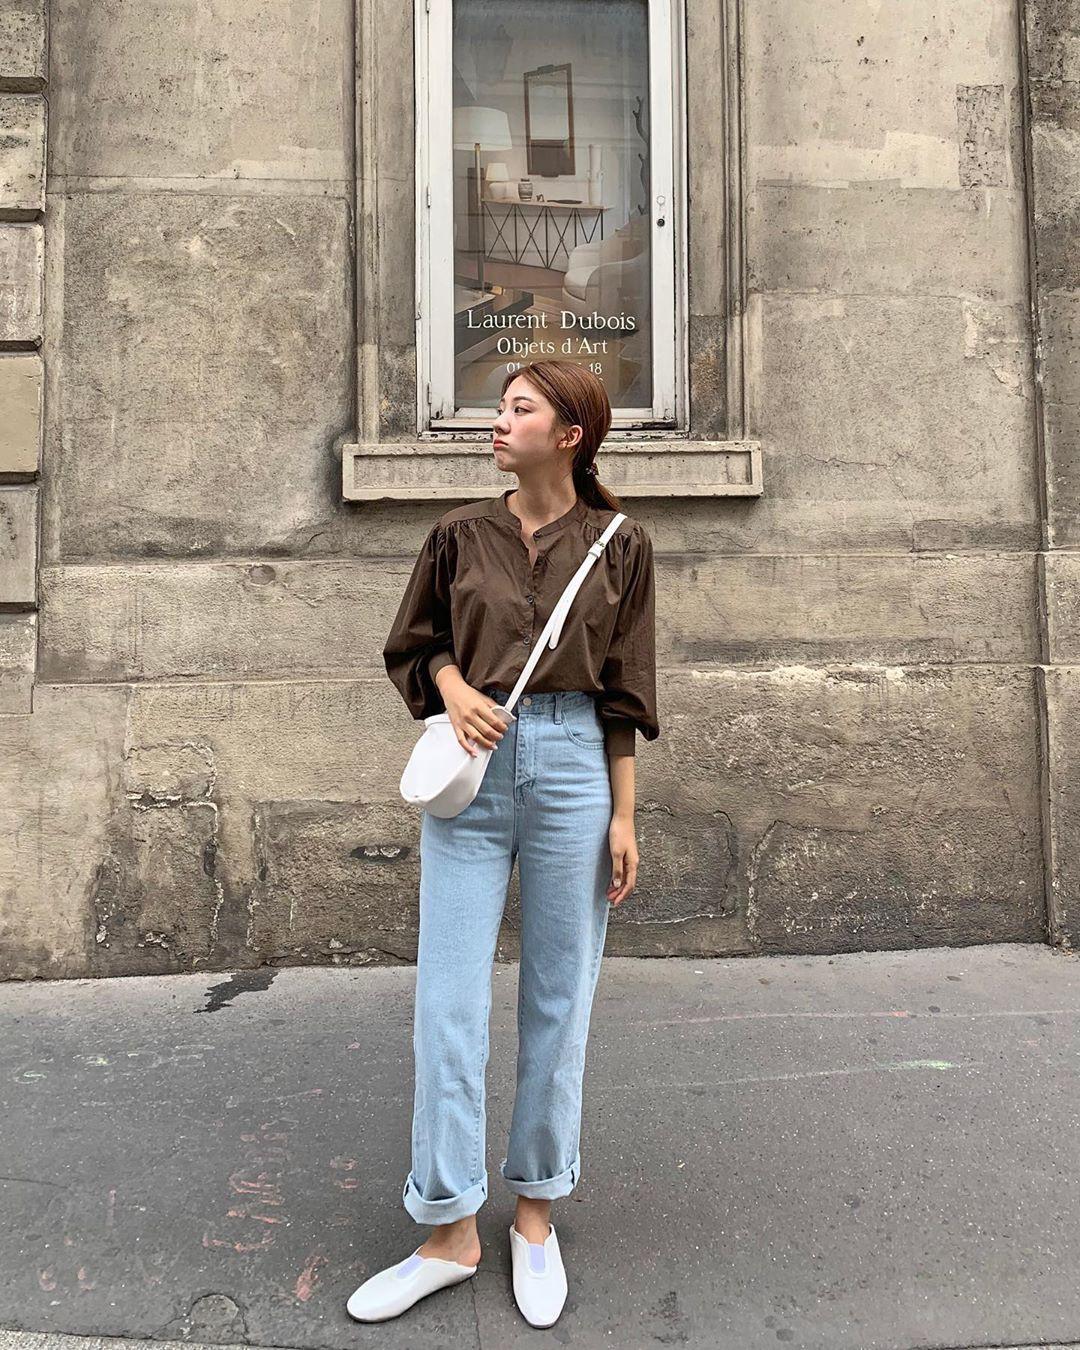 Đã tìm ra kiểu quần jeans vô địch về khoản hack tuổi, nhưng vẫn thanh lịch chẳng kém quần jeans trắng - Ảnh 11